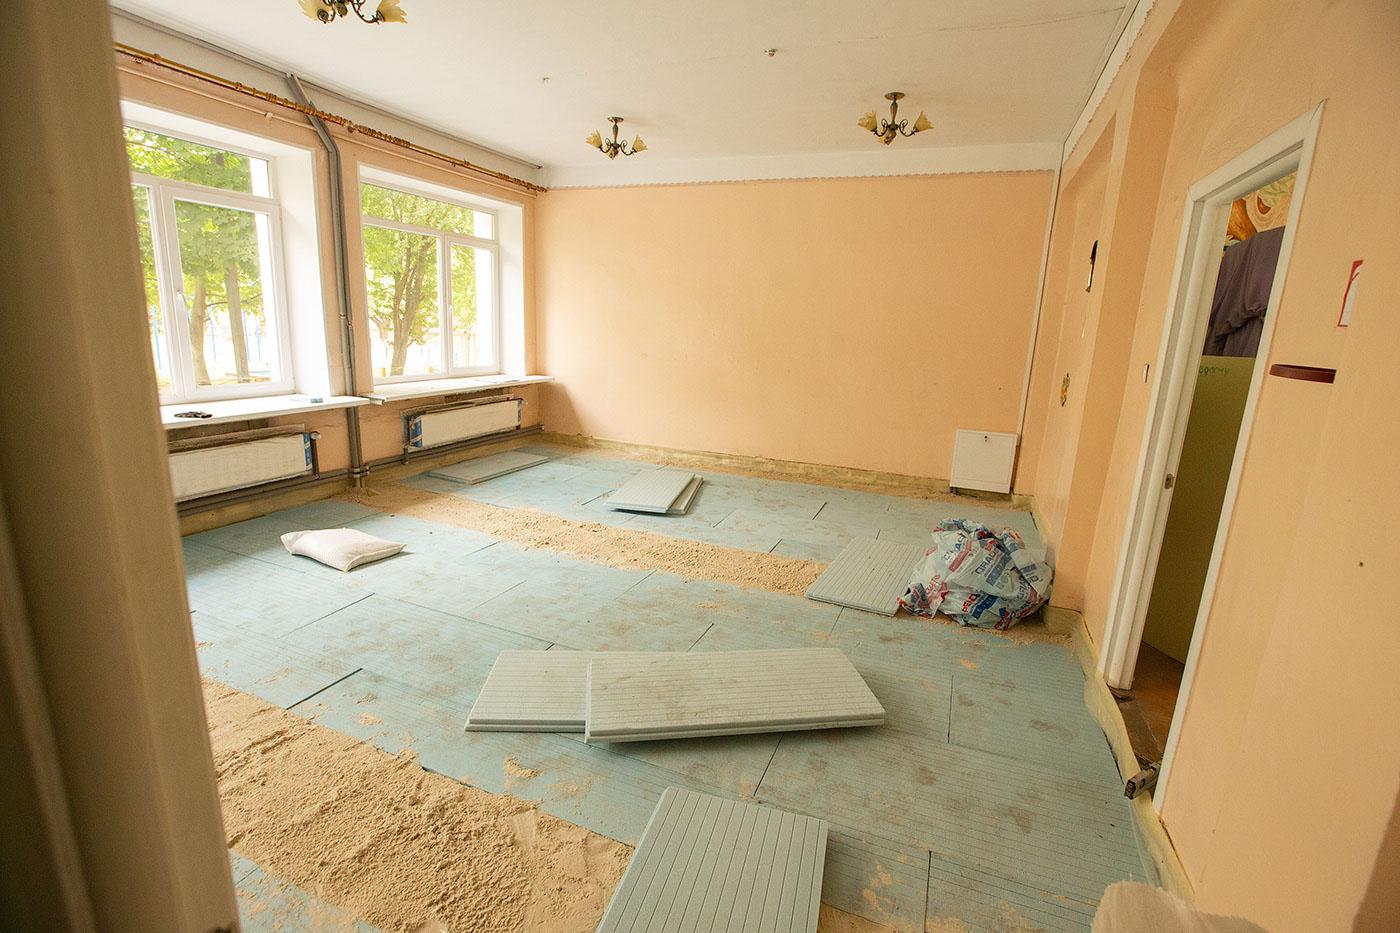 Нова їдальня, вікна, система опалення: у ліцей №21 і двох дитсадках тривають ремонти (ФОТО)